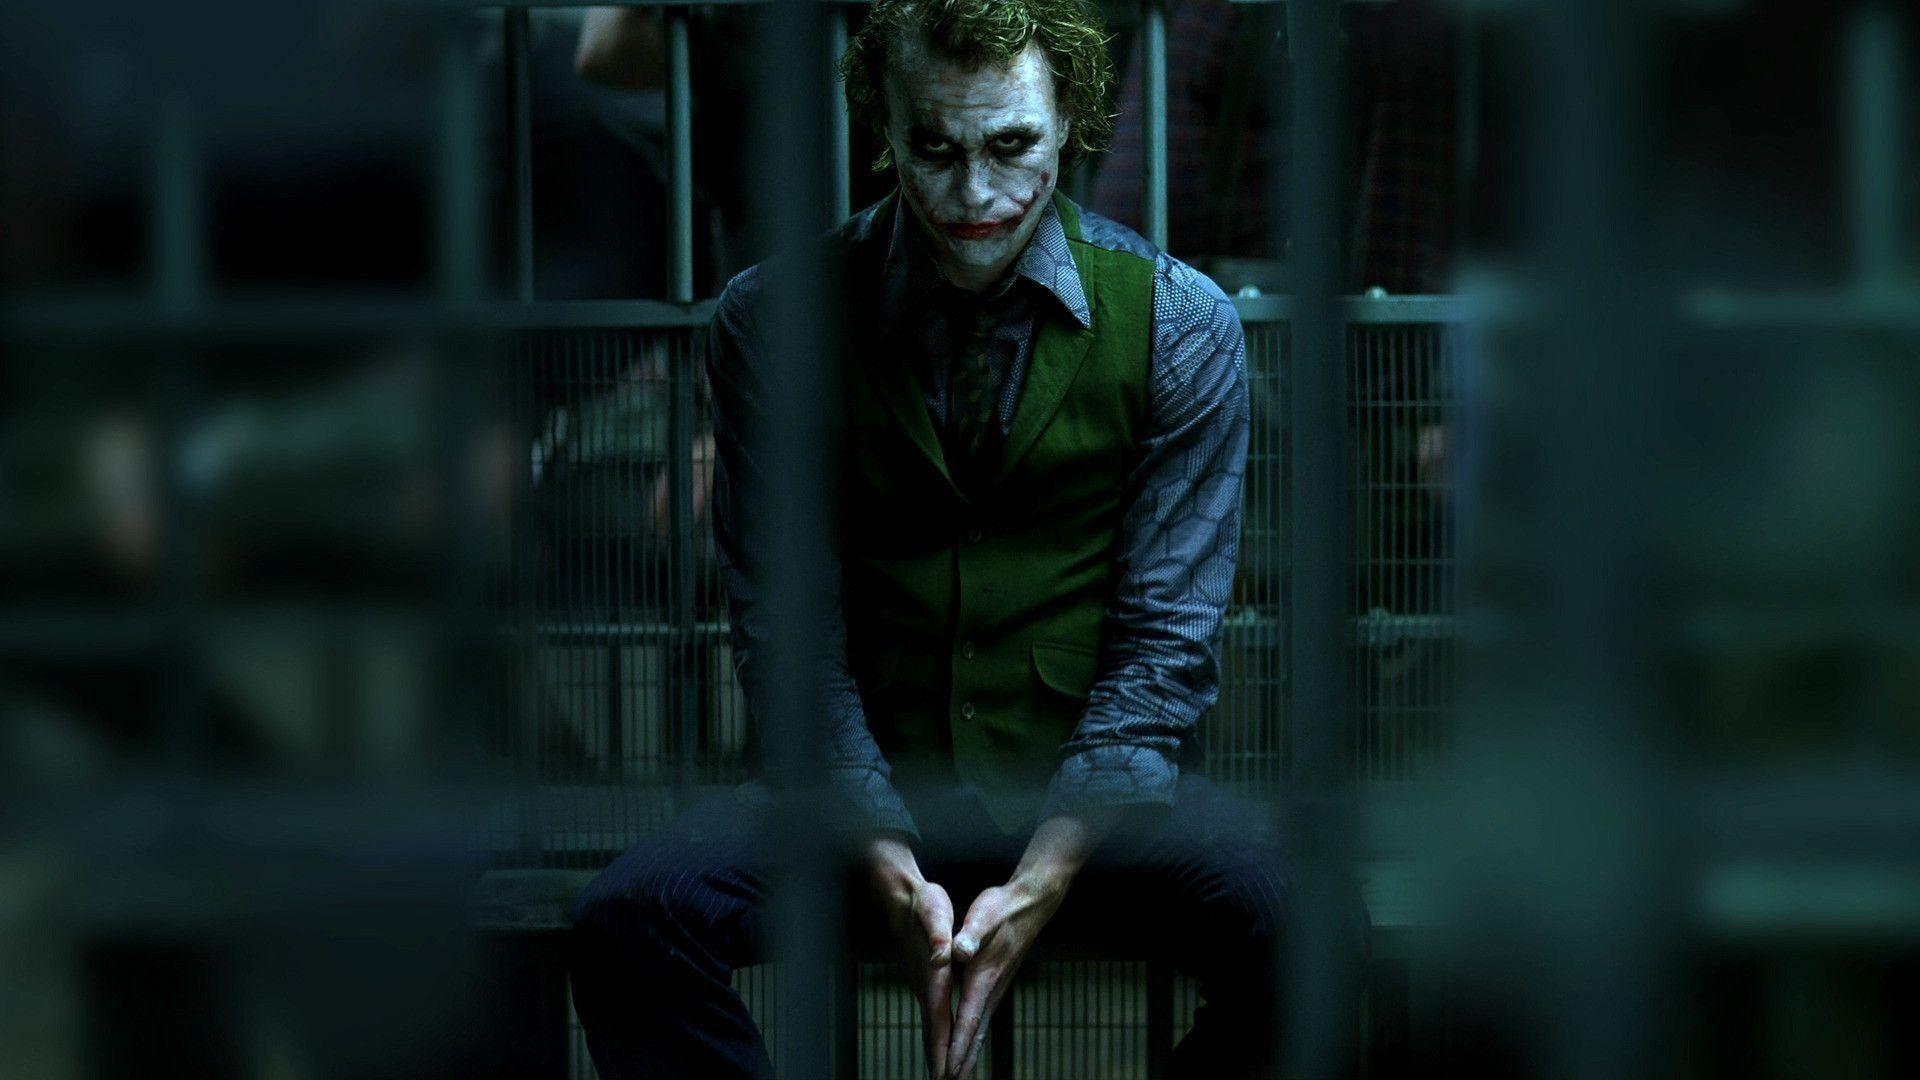 Dark Knight Joker Wallpapers Top Free Dark Knight Joker